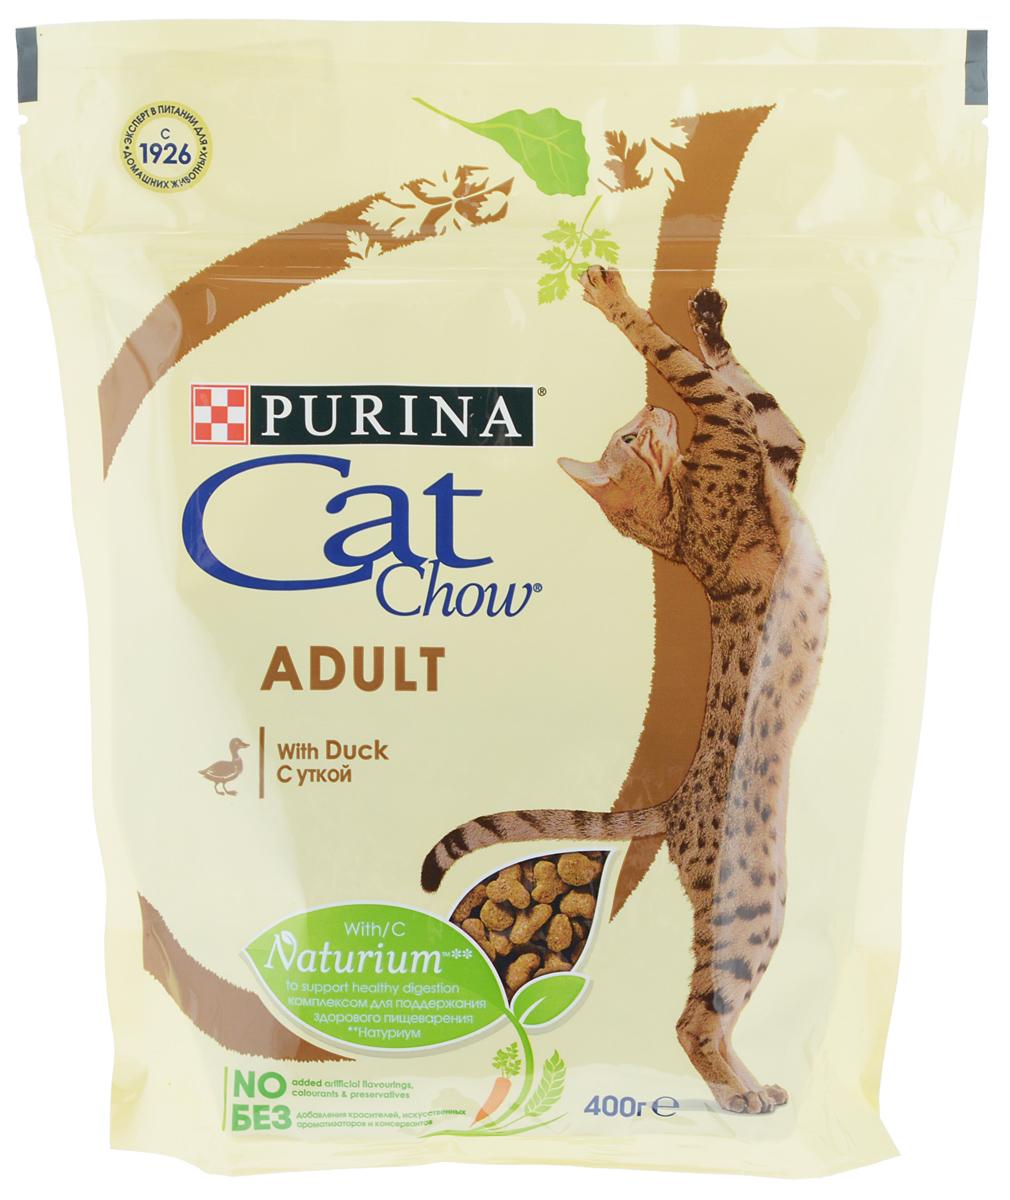 Корм сухой для кошек Cat Chow Adult, с уткой, 400 г12292070Сухой корм Cat Chow Adult - полнорационный сбалансированный корм для взрослых кошек. Корм Cat Chow Adult тщательно разработан: без добавления искусственных ароматизаторов, красителей и консервантов.Рецептура с уткой имеет специально отобранные по качеству источники протеина, чтобы удовлетворить естественные потребности кошек. Бережно приготовлено с натуральными ингредиентами (петрушка, шпинат, морковь, цельные зерна злаков, цикорий и дрожжи) для придания особого аромата, который кошки выбирают инстинктивно.Комплекс Naturium в кормах Cat Chow — это особое сочетание волокон природного происхождения. Он включает источник натурального пребиотика, который, как было доказано, улучшает баланс микрофлоры кишечника и поддерживает здоровье пищеварительной системы кошки. Это позволяет ей питаться с большей пользой.Товар сертифицирован.